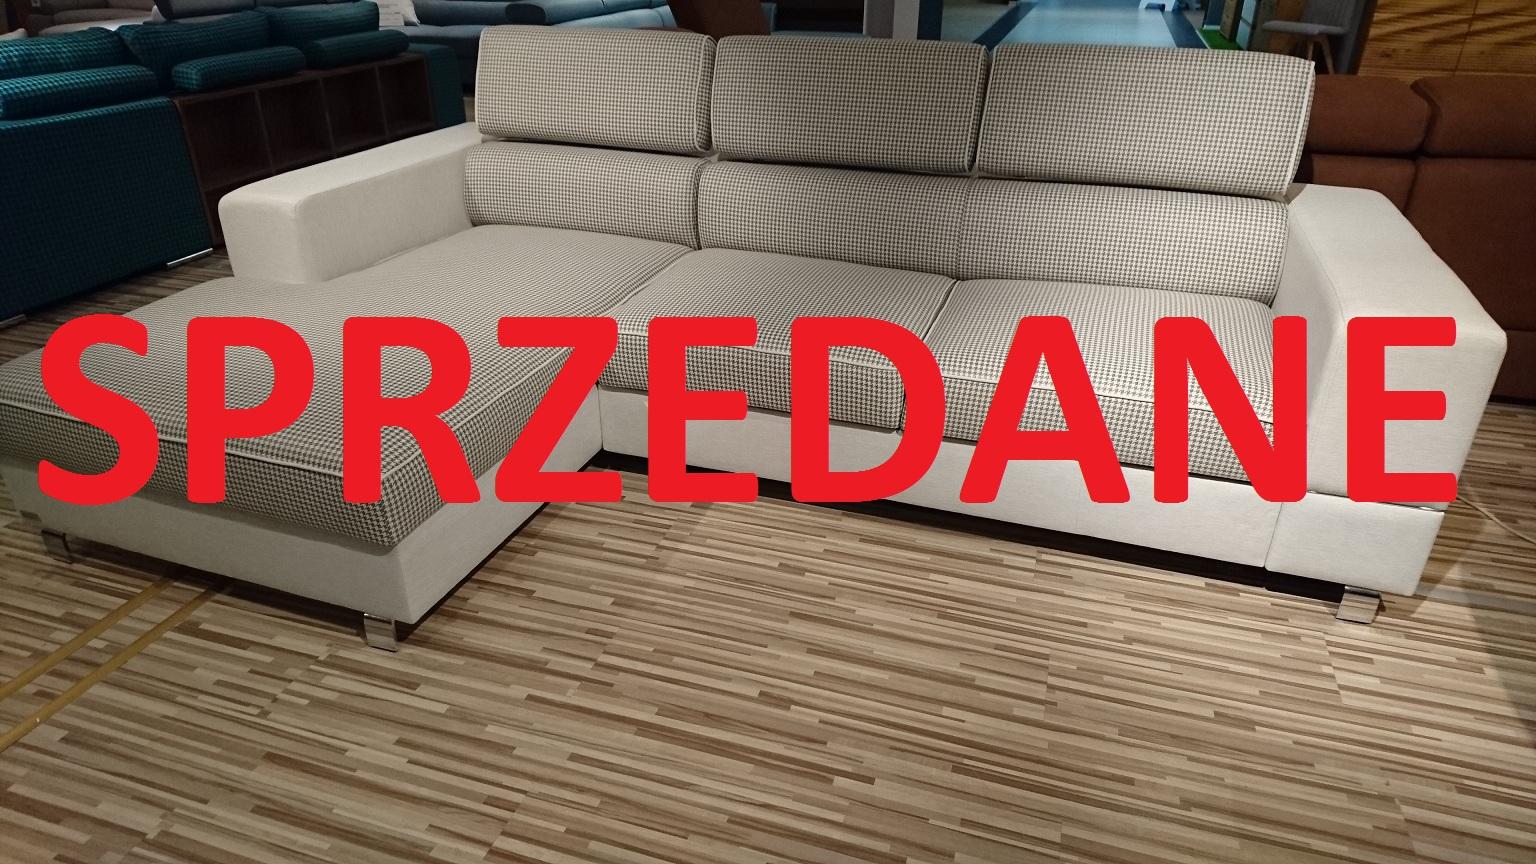 SPACE Caya Design Warszawa STUDIO KOMFORT narożnik z funkcją spania i pojemnikiem tkaniny kontrst z pepitką zagłówki SPRZEDANE